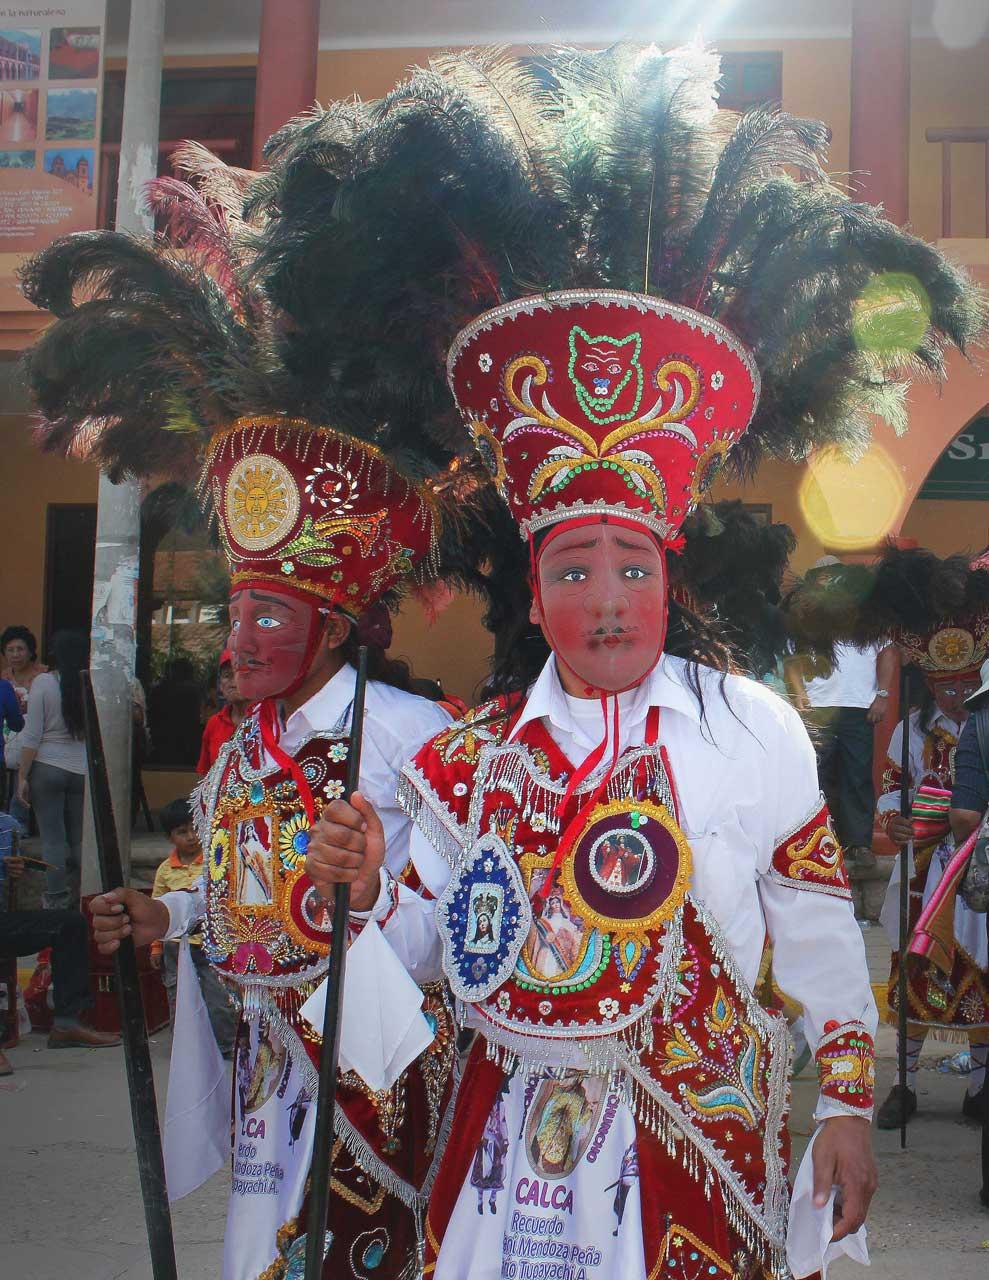 Calca-Festival-(7)-_Web